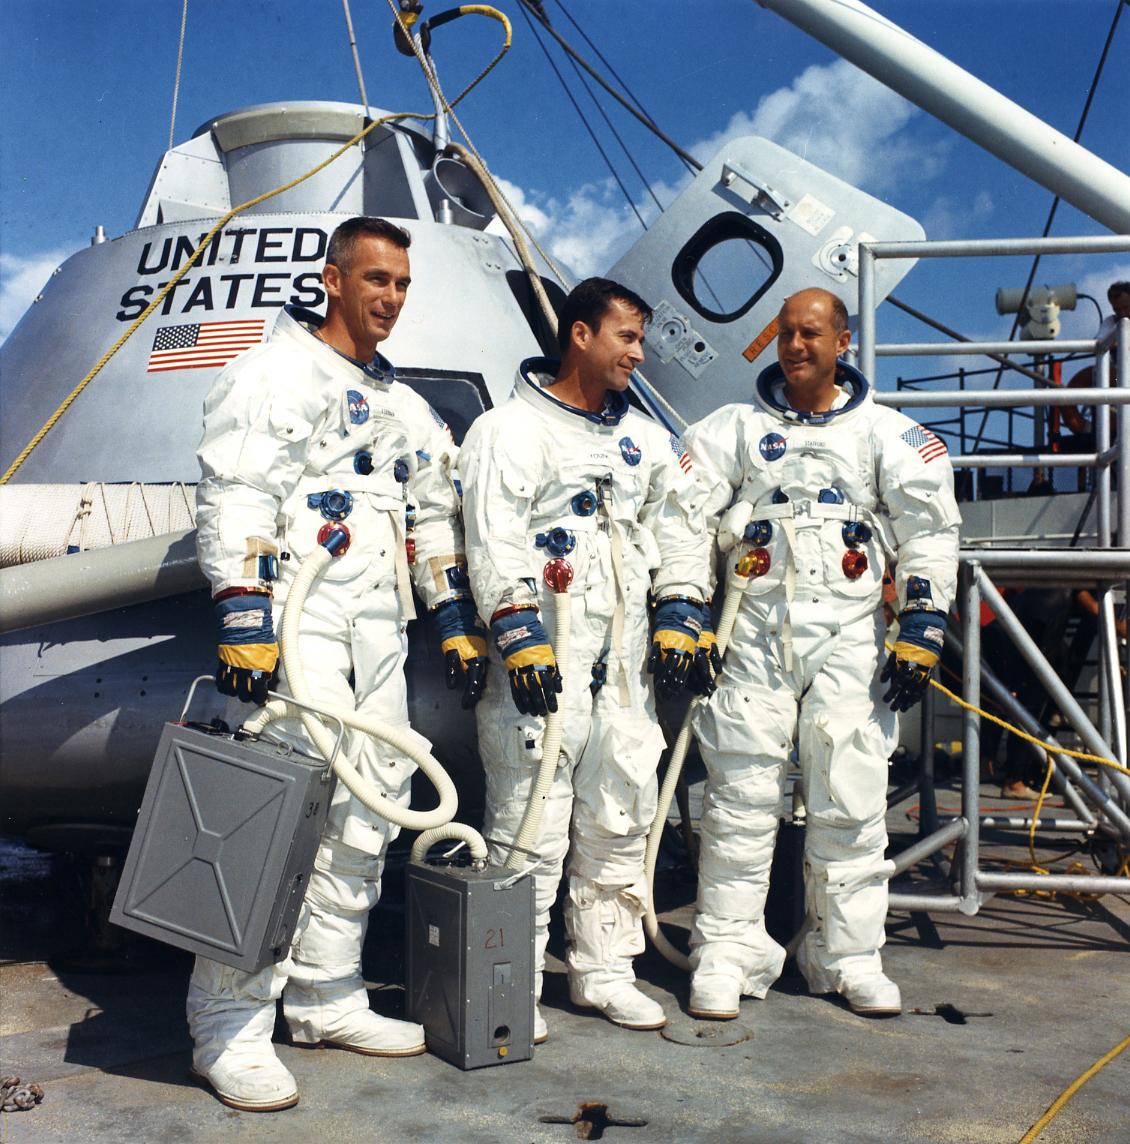 Lot 29 - L'équipage d'Apollo 10 à l'entraînement. Novembre 1968.Tirage chromogénique circa [...]